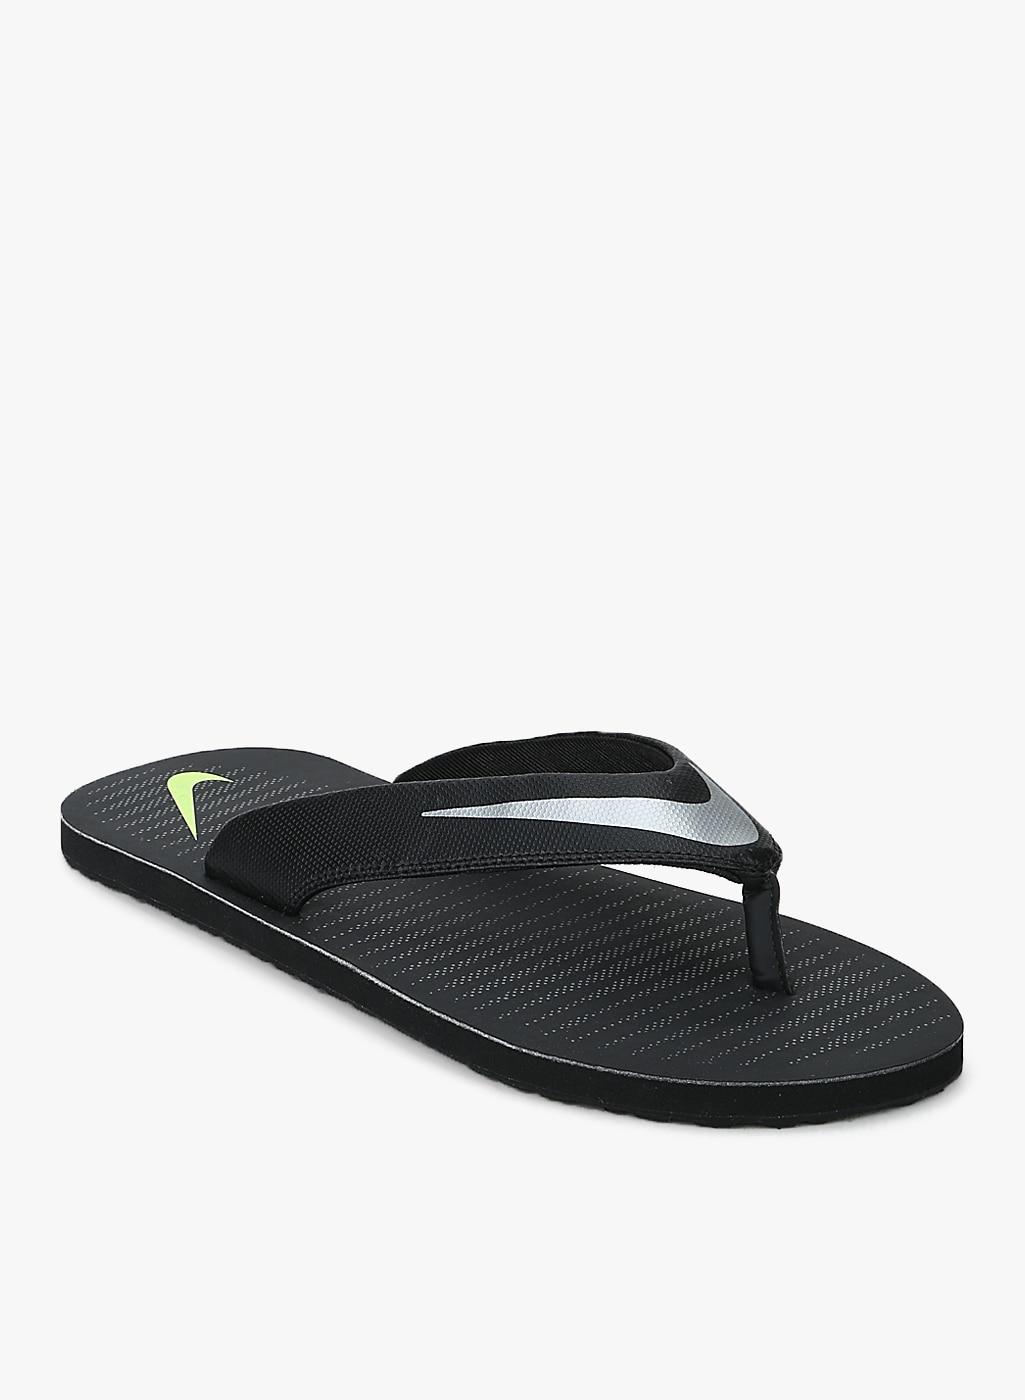 8797f48b9faf Nike Black Solid Thong Flip Flops for Men online in India at Best ...